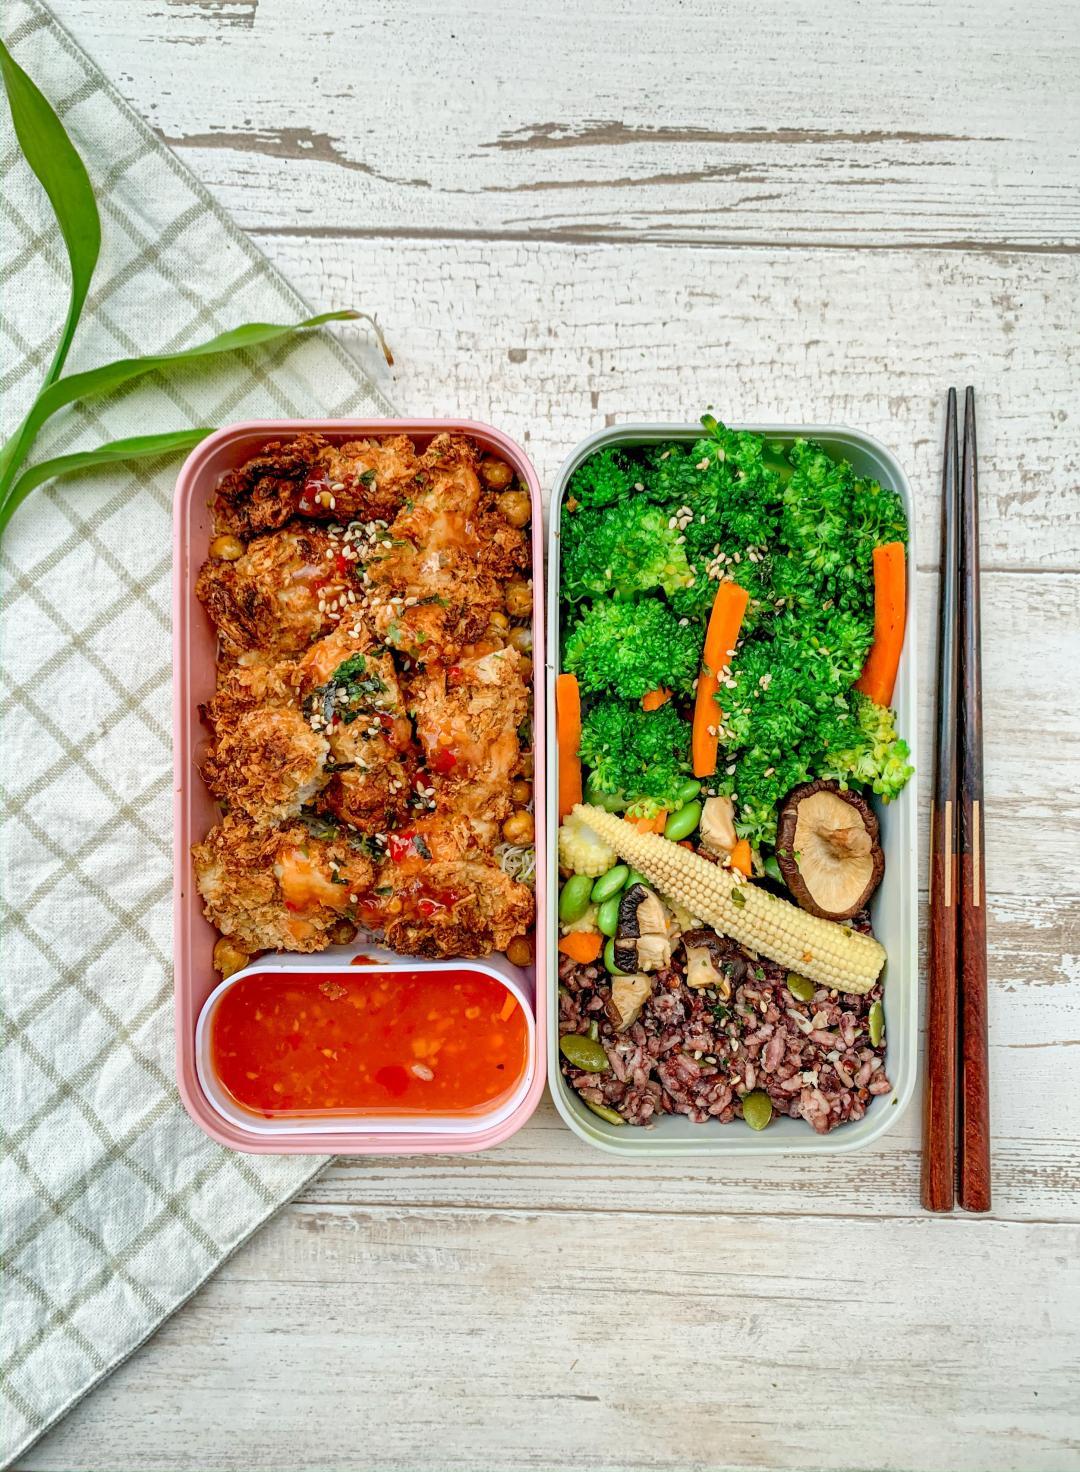 氣炸鍋料理|泰式咖哩偽炸雞